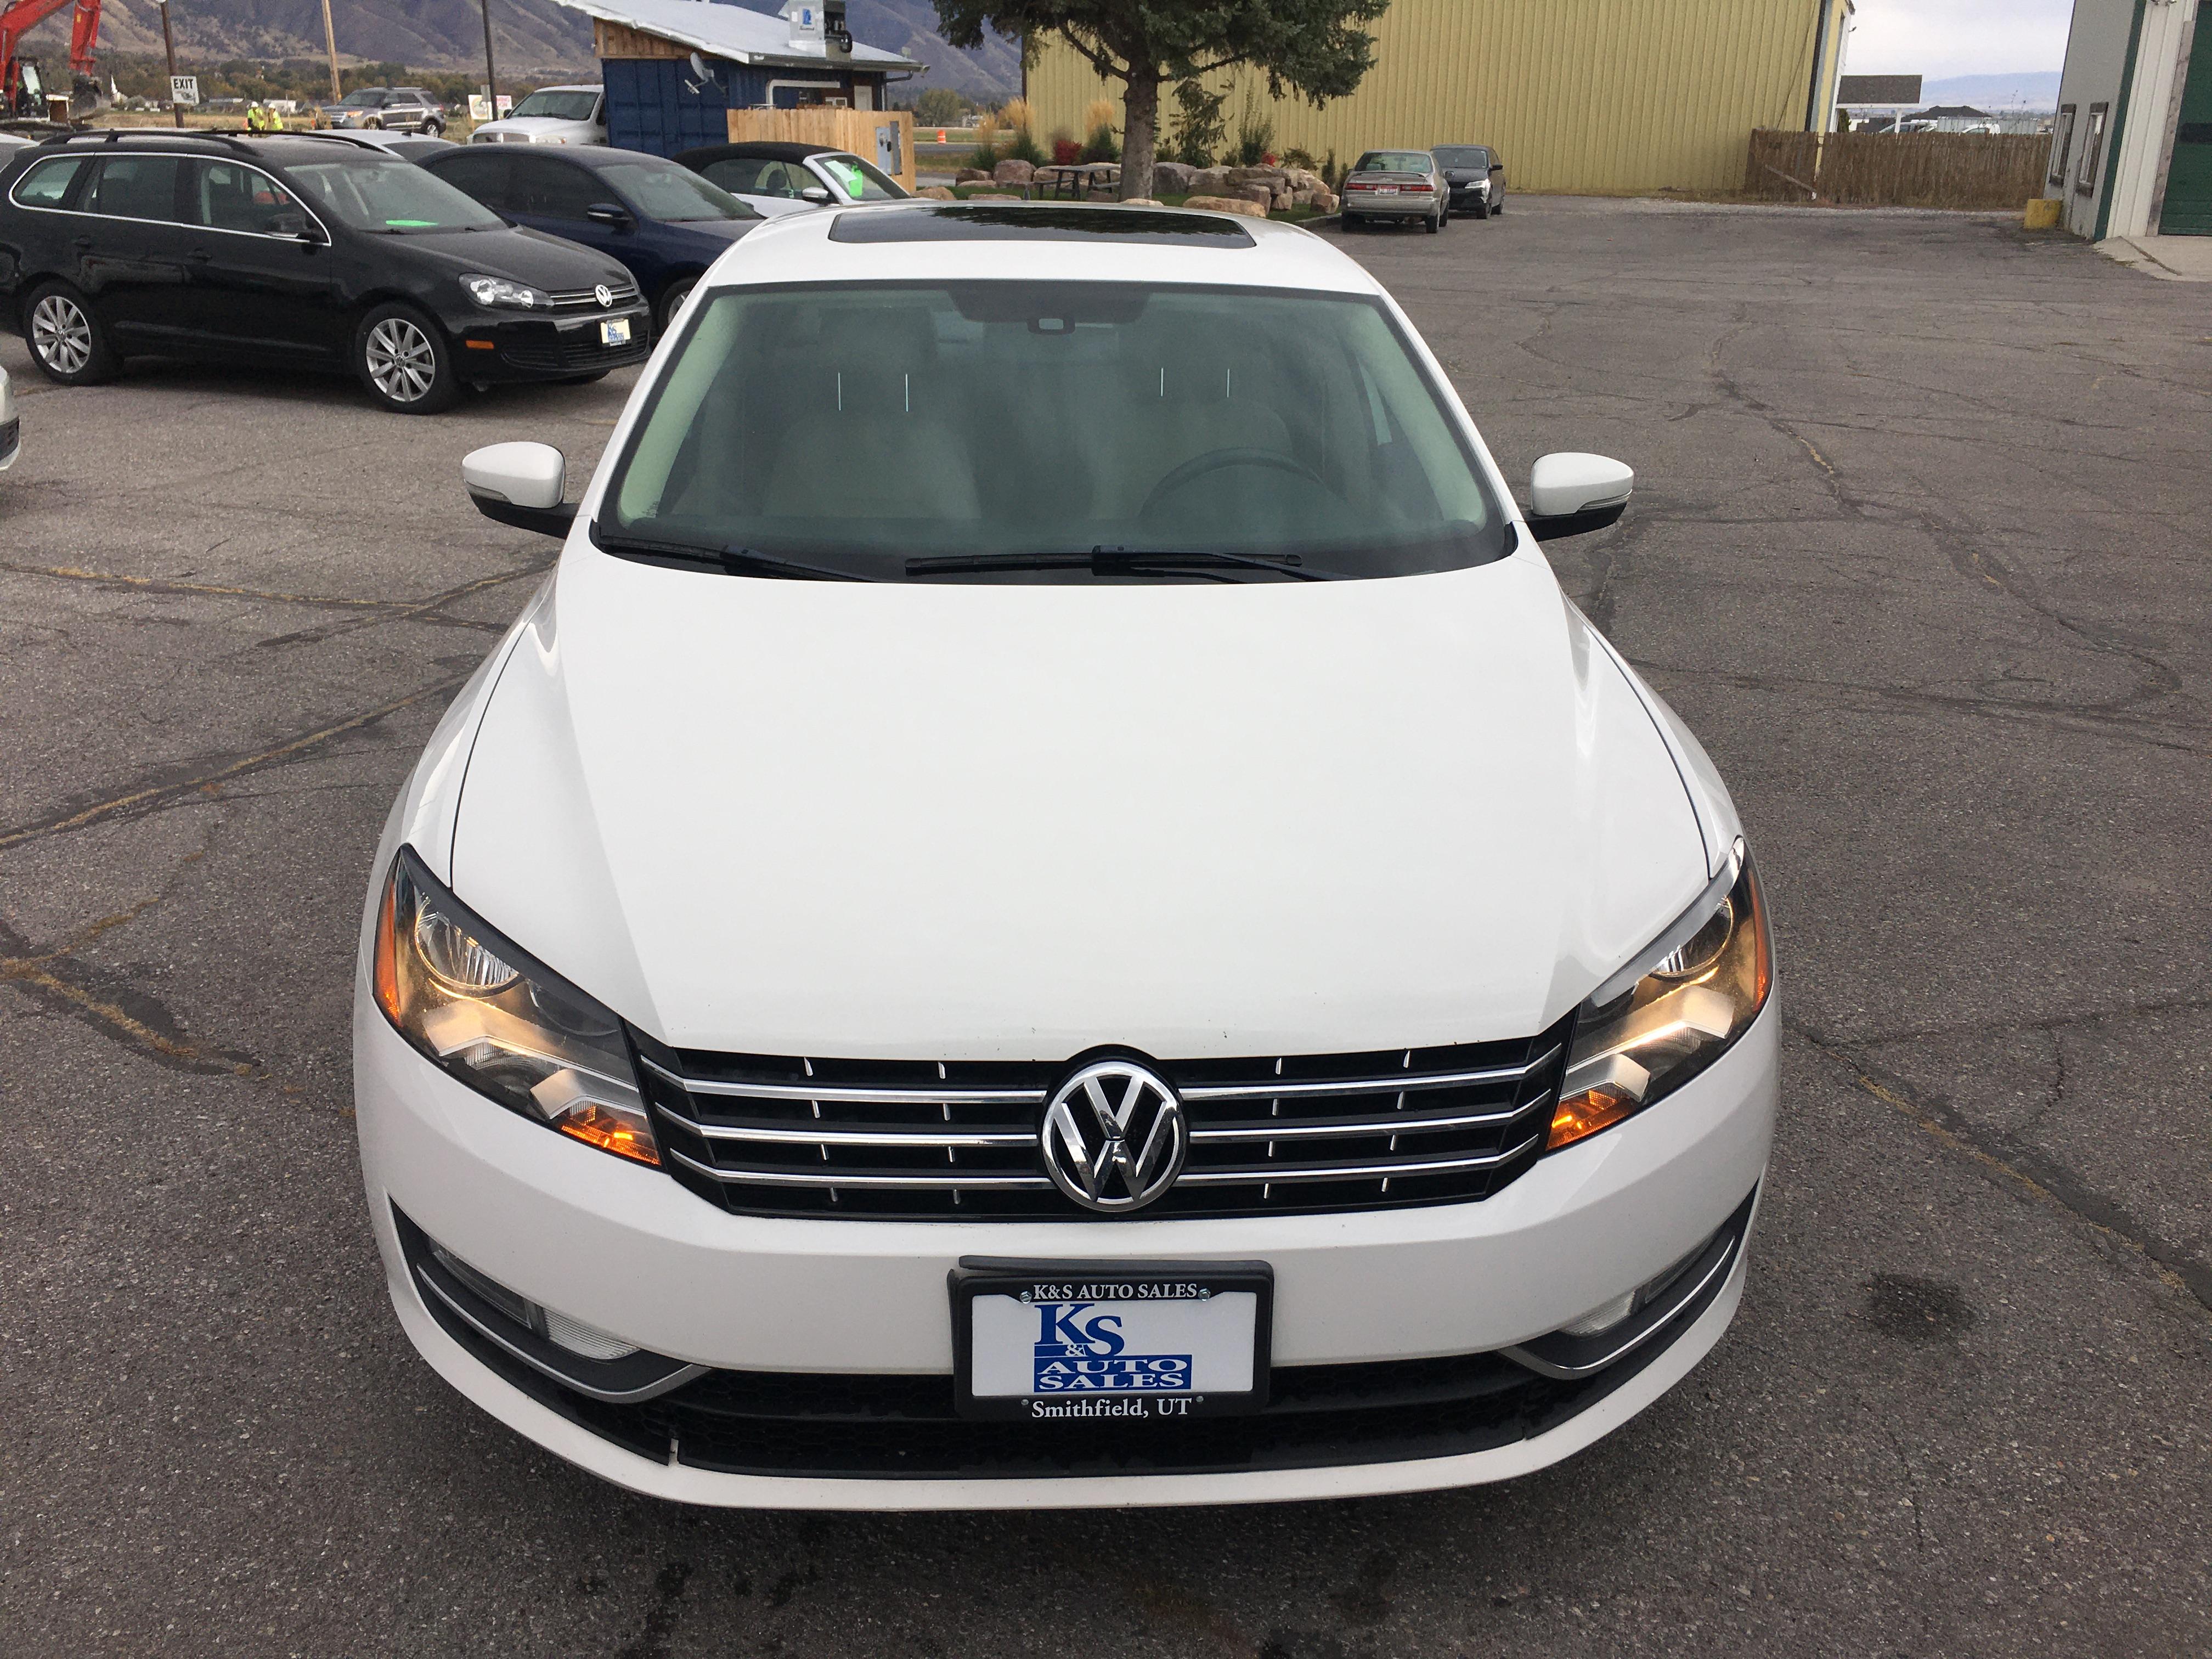 2014 Volkswagen Passat TDI - SEL